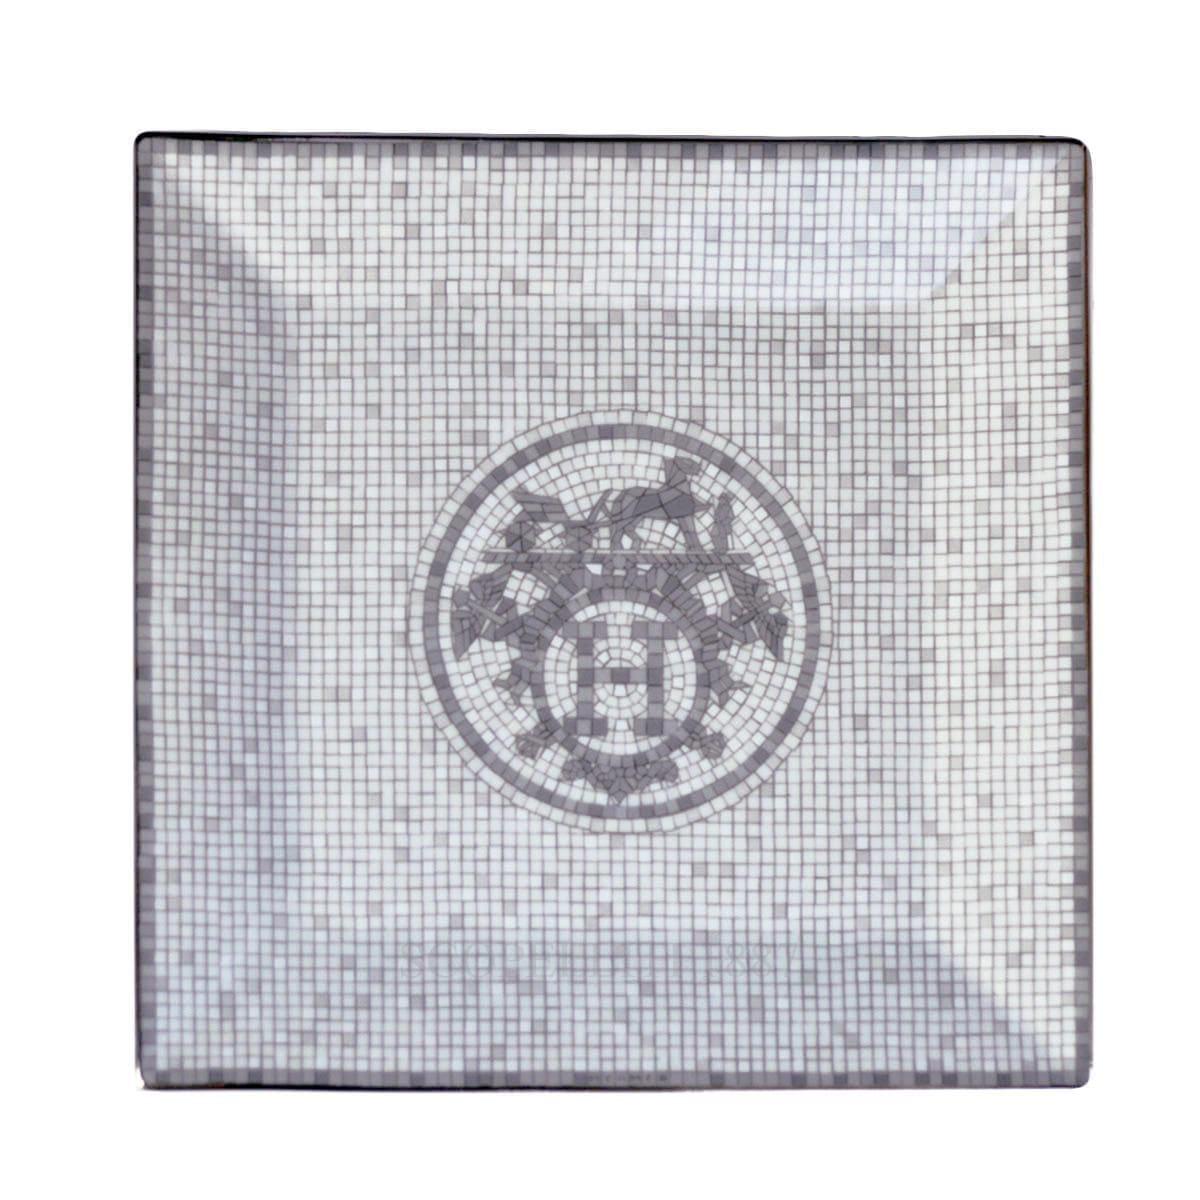 Hermes Mosaique au 24 platinum Square Plate n°3